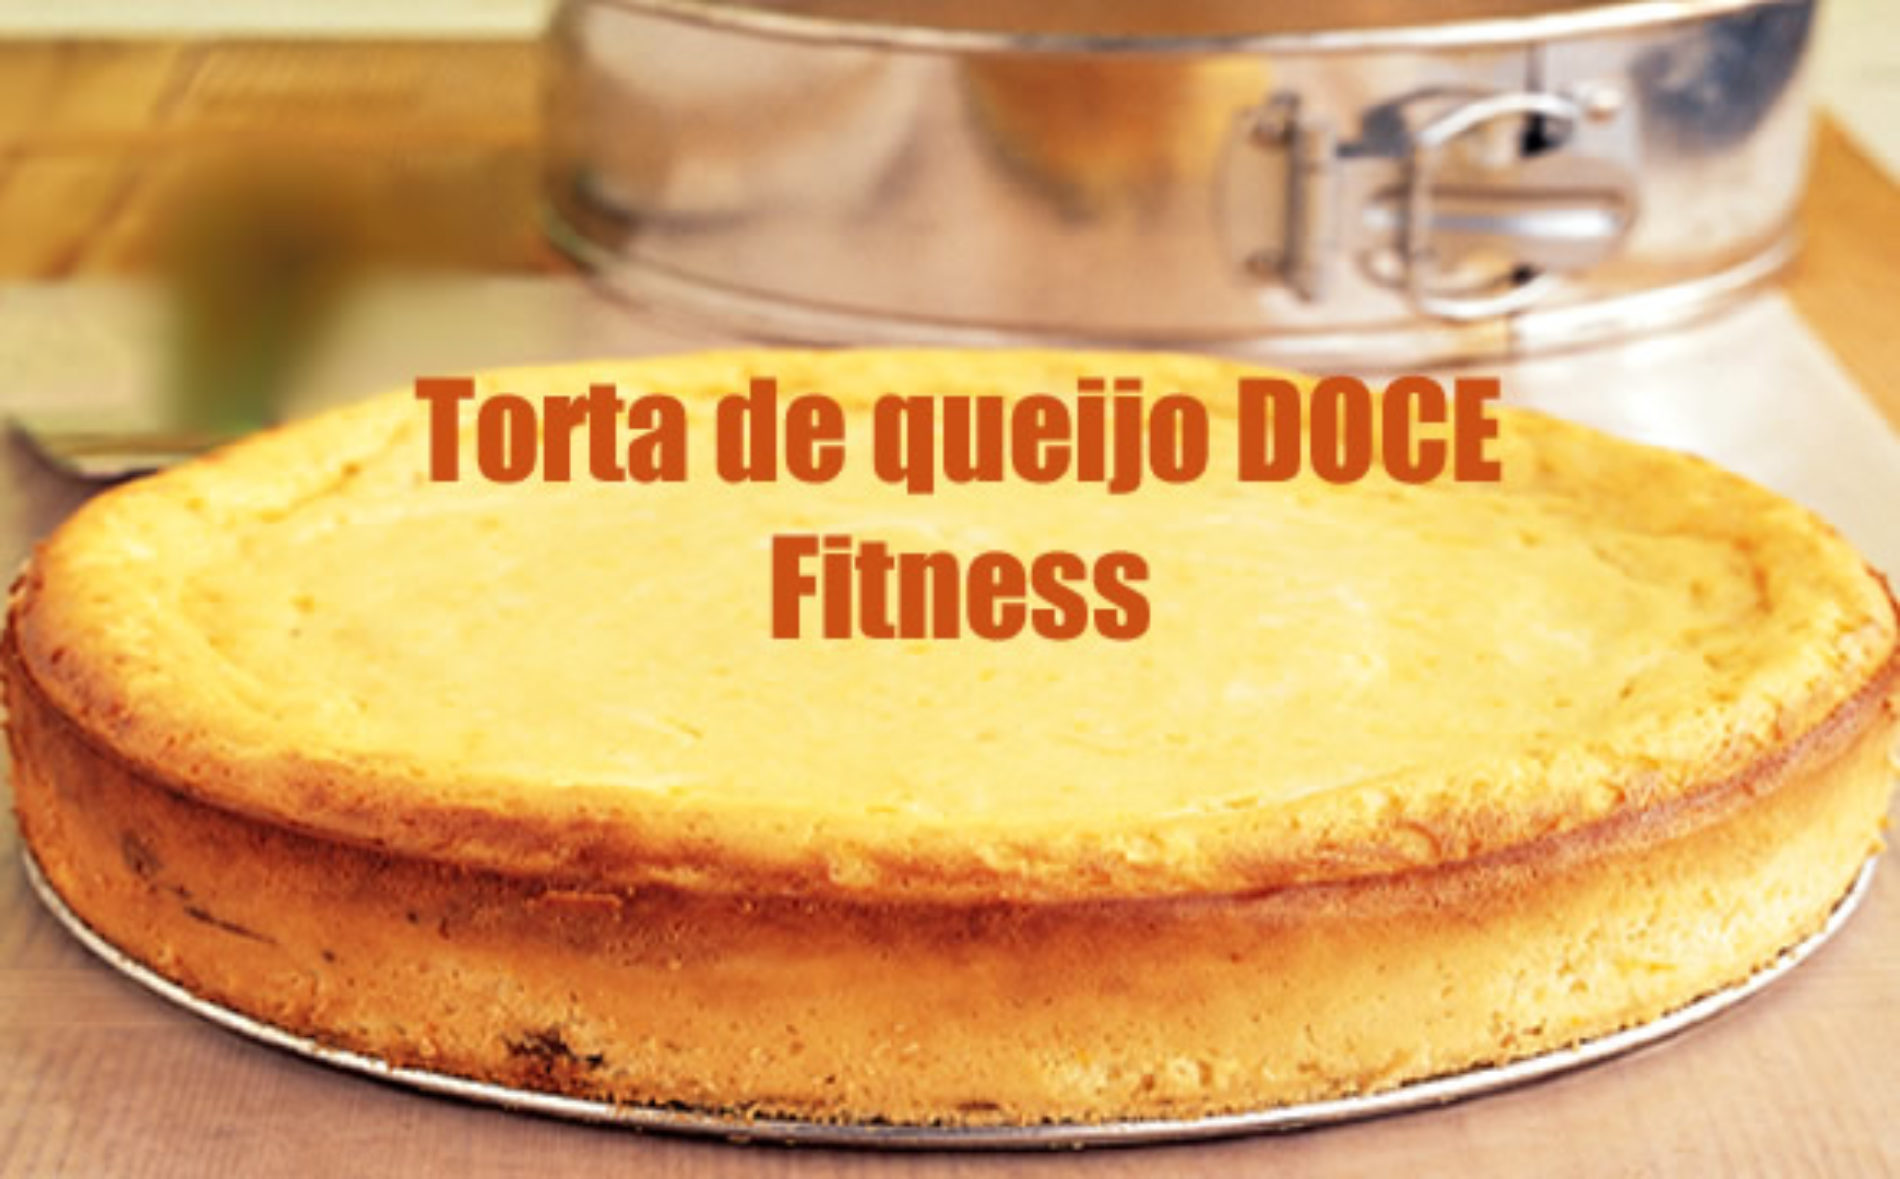 Torta de queijo DOCE Fitness